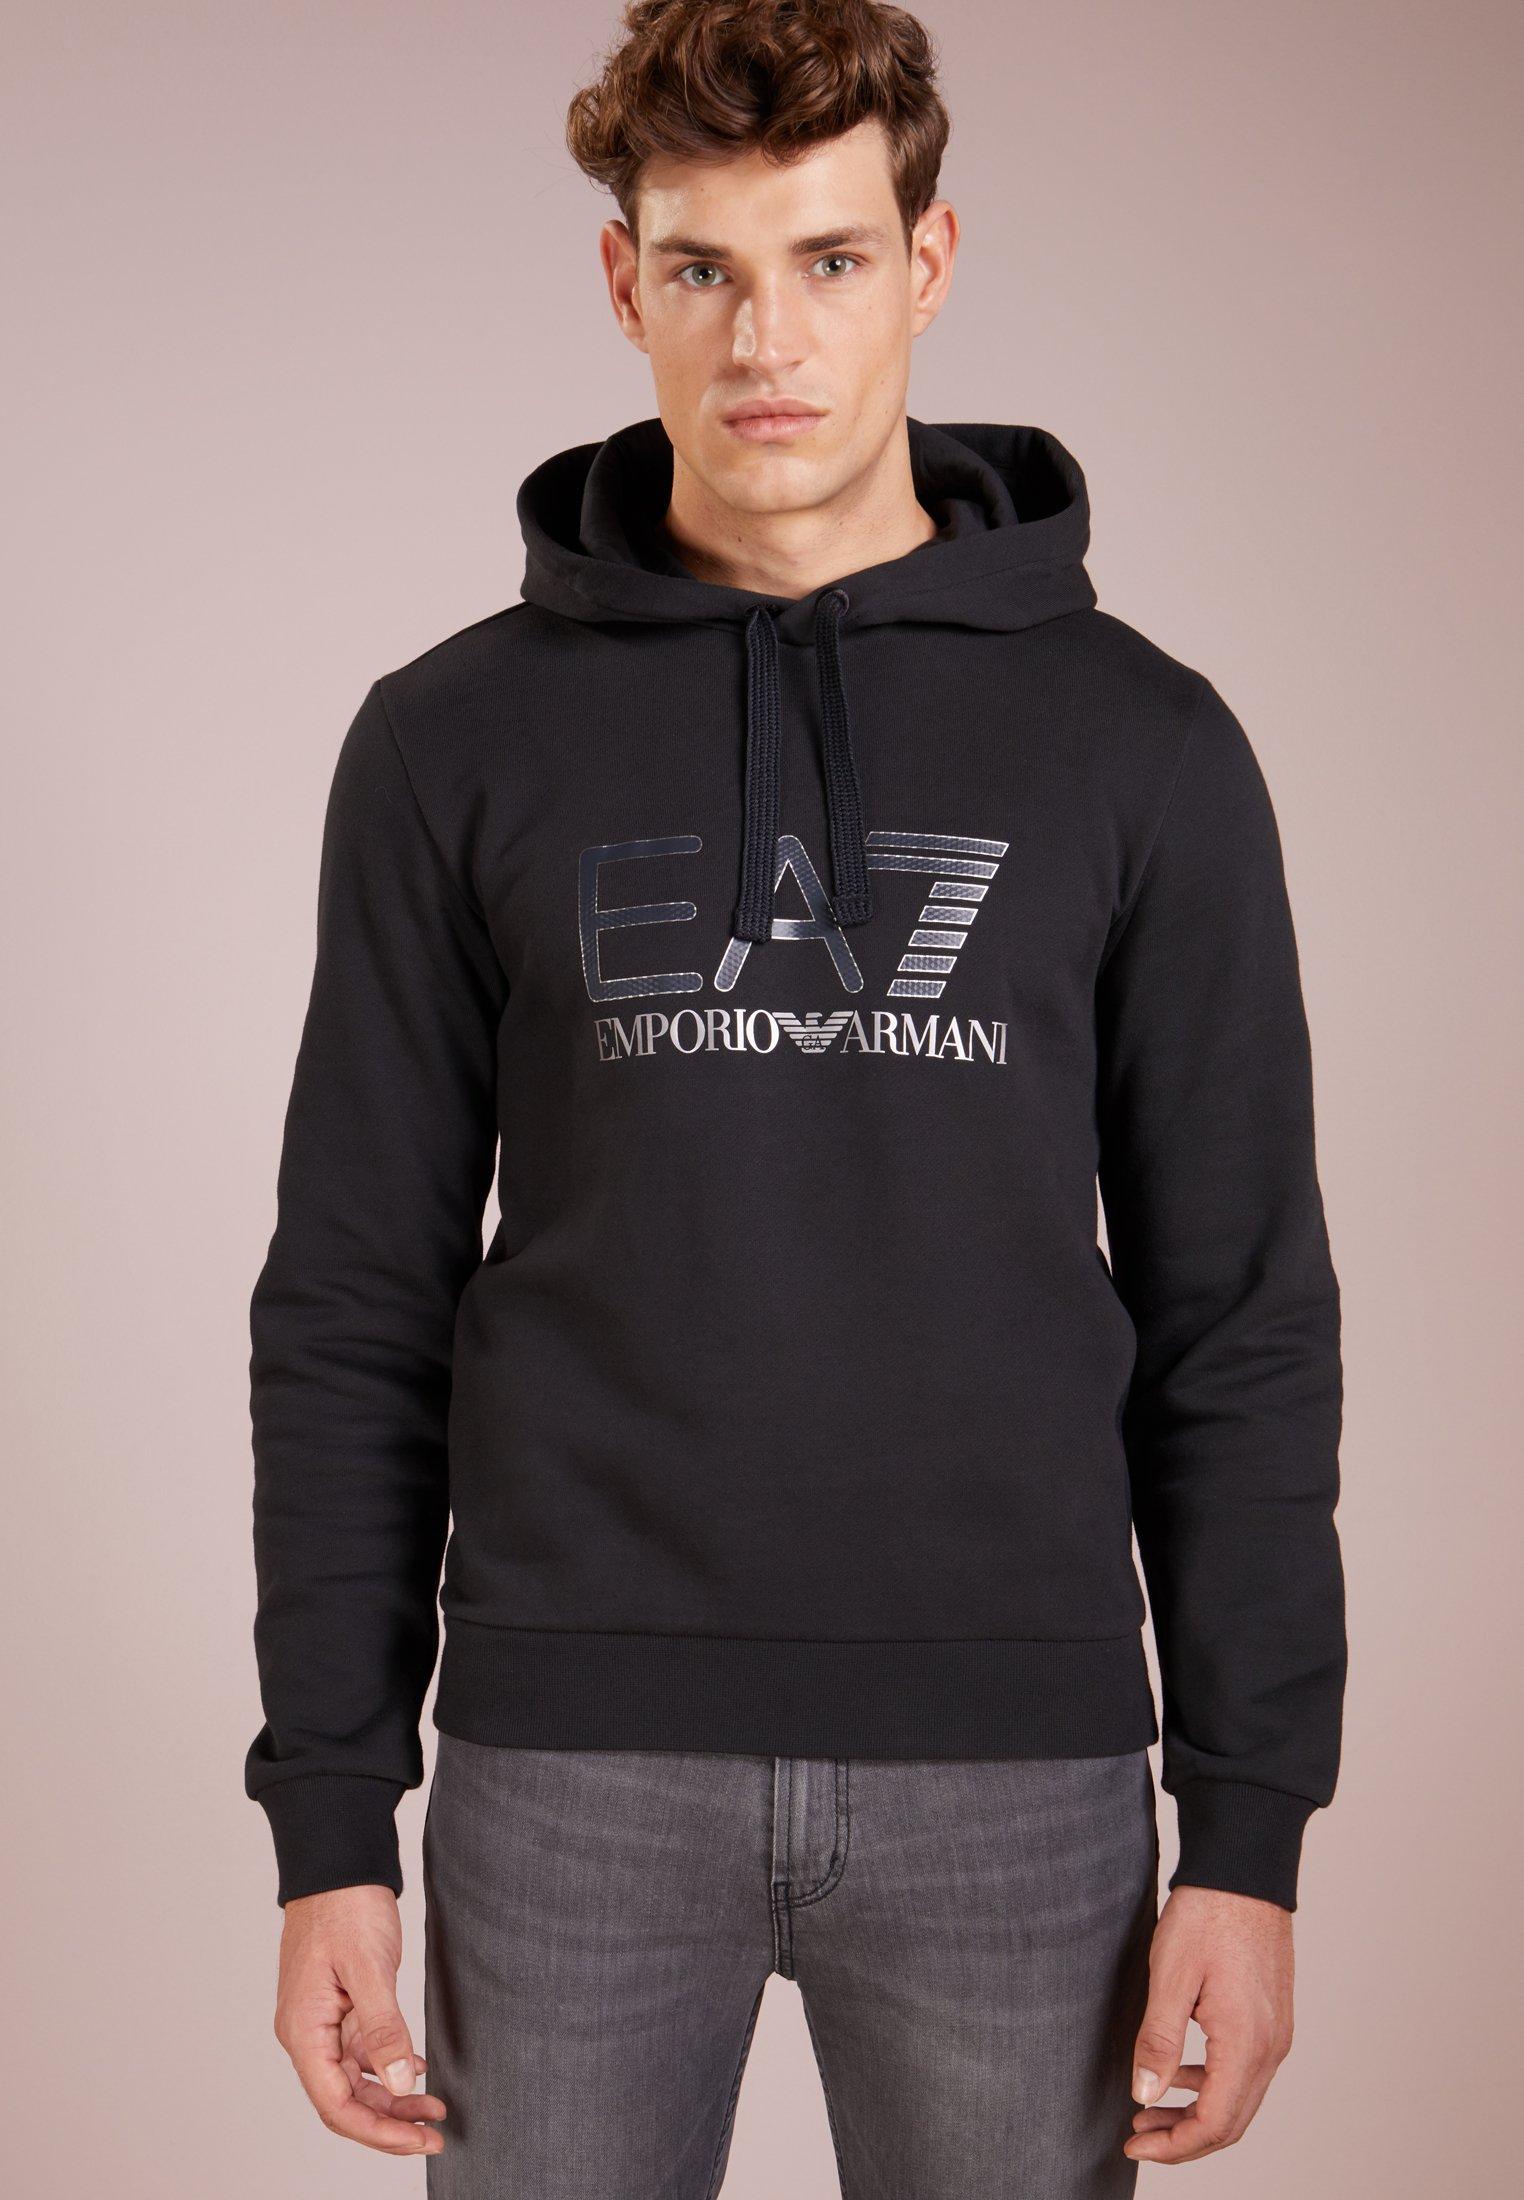 EA7 Emporio Armani Bluza z kapturem - black